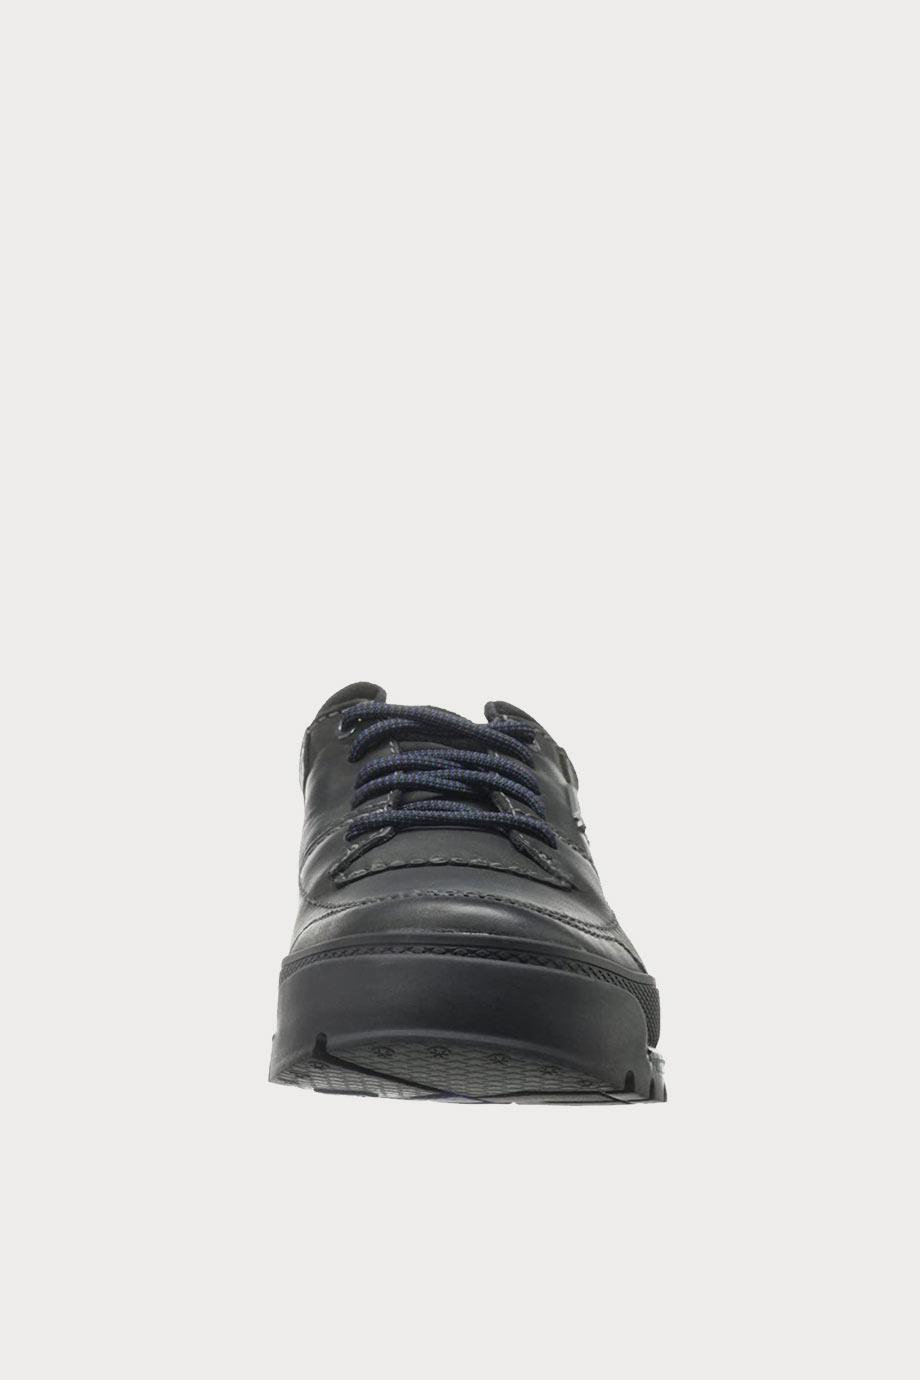 spiridoula metheniti shoes xalkida p narly path black leather clarks 4 1